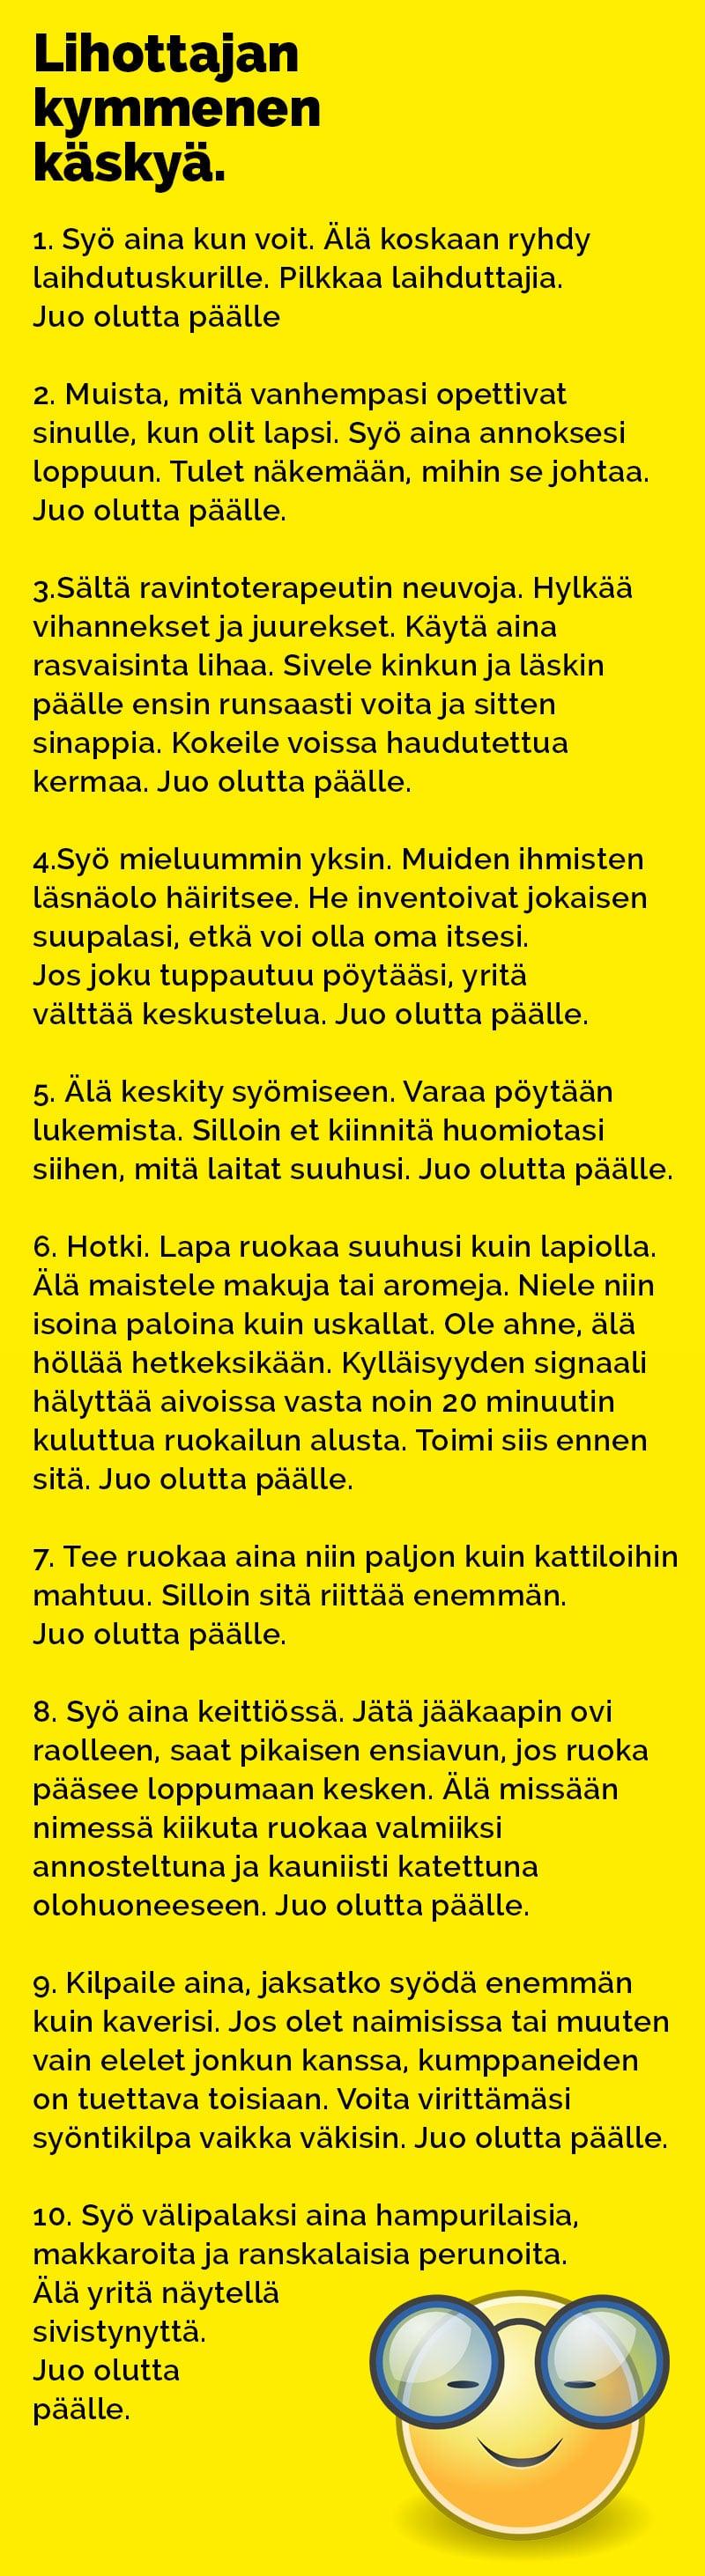 lihottajan_kymmenen_kaskya_2